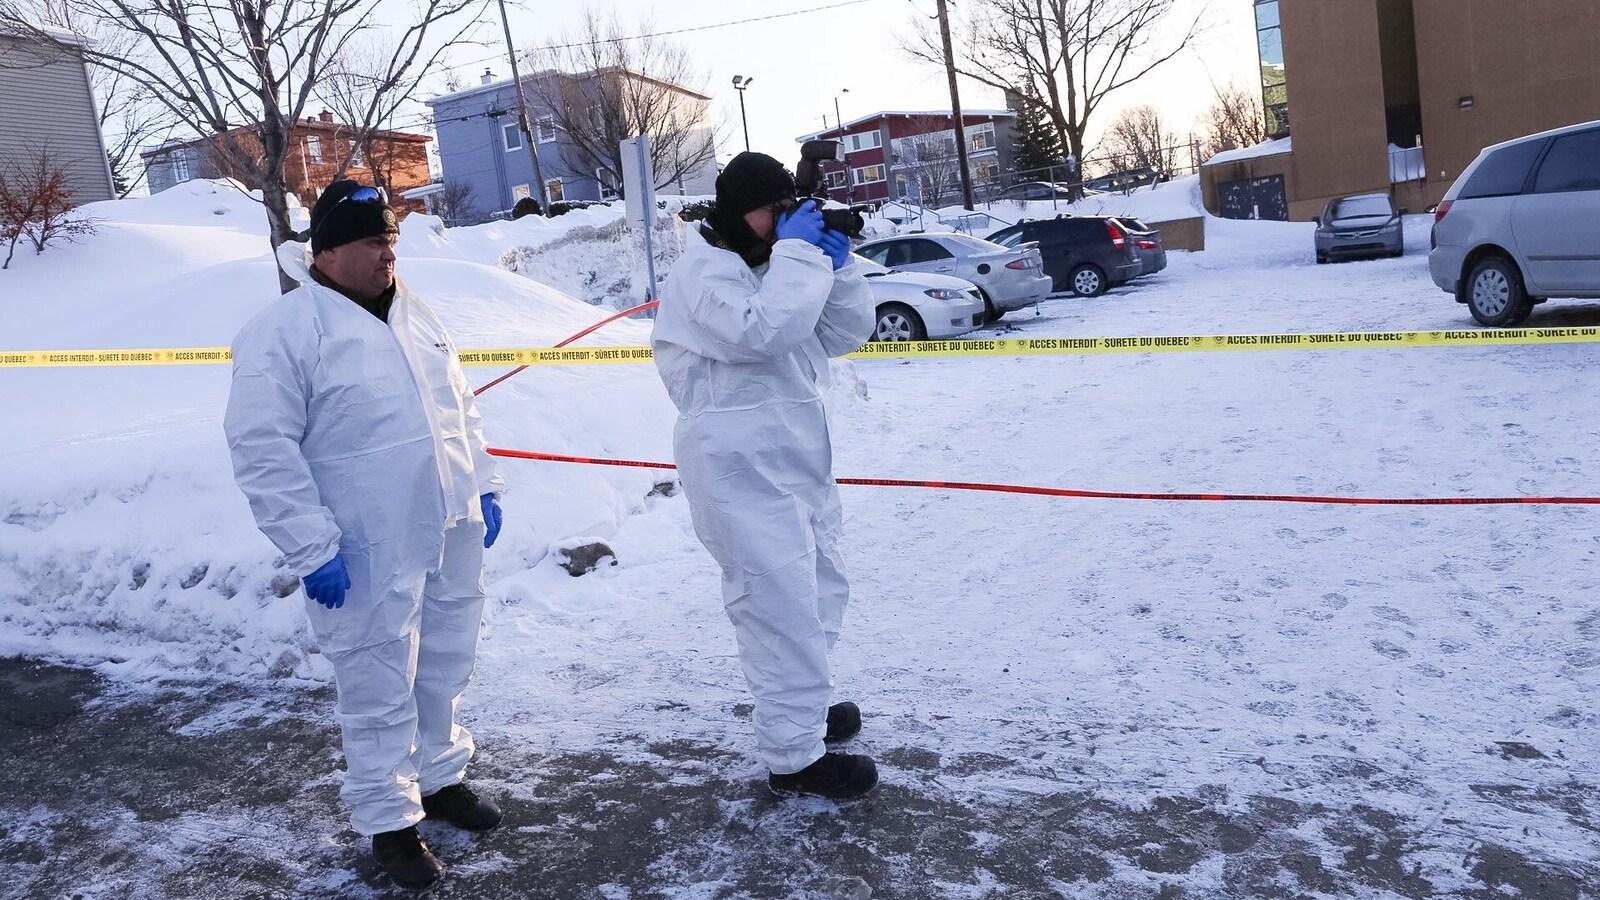 Des techniciens de la Sûreté du Québec, dans la neige, prenant des photos sur la scène de crime, à la mosquée de Québec.